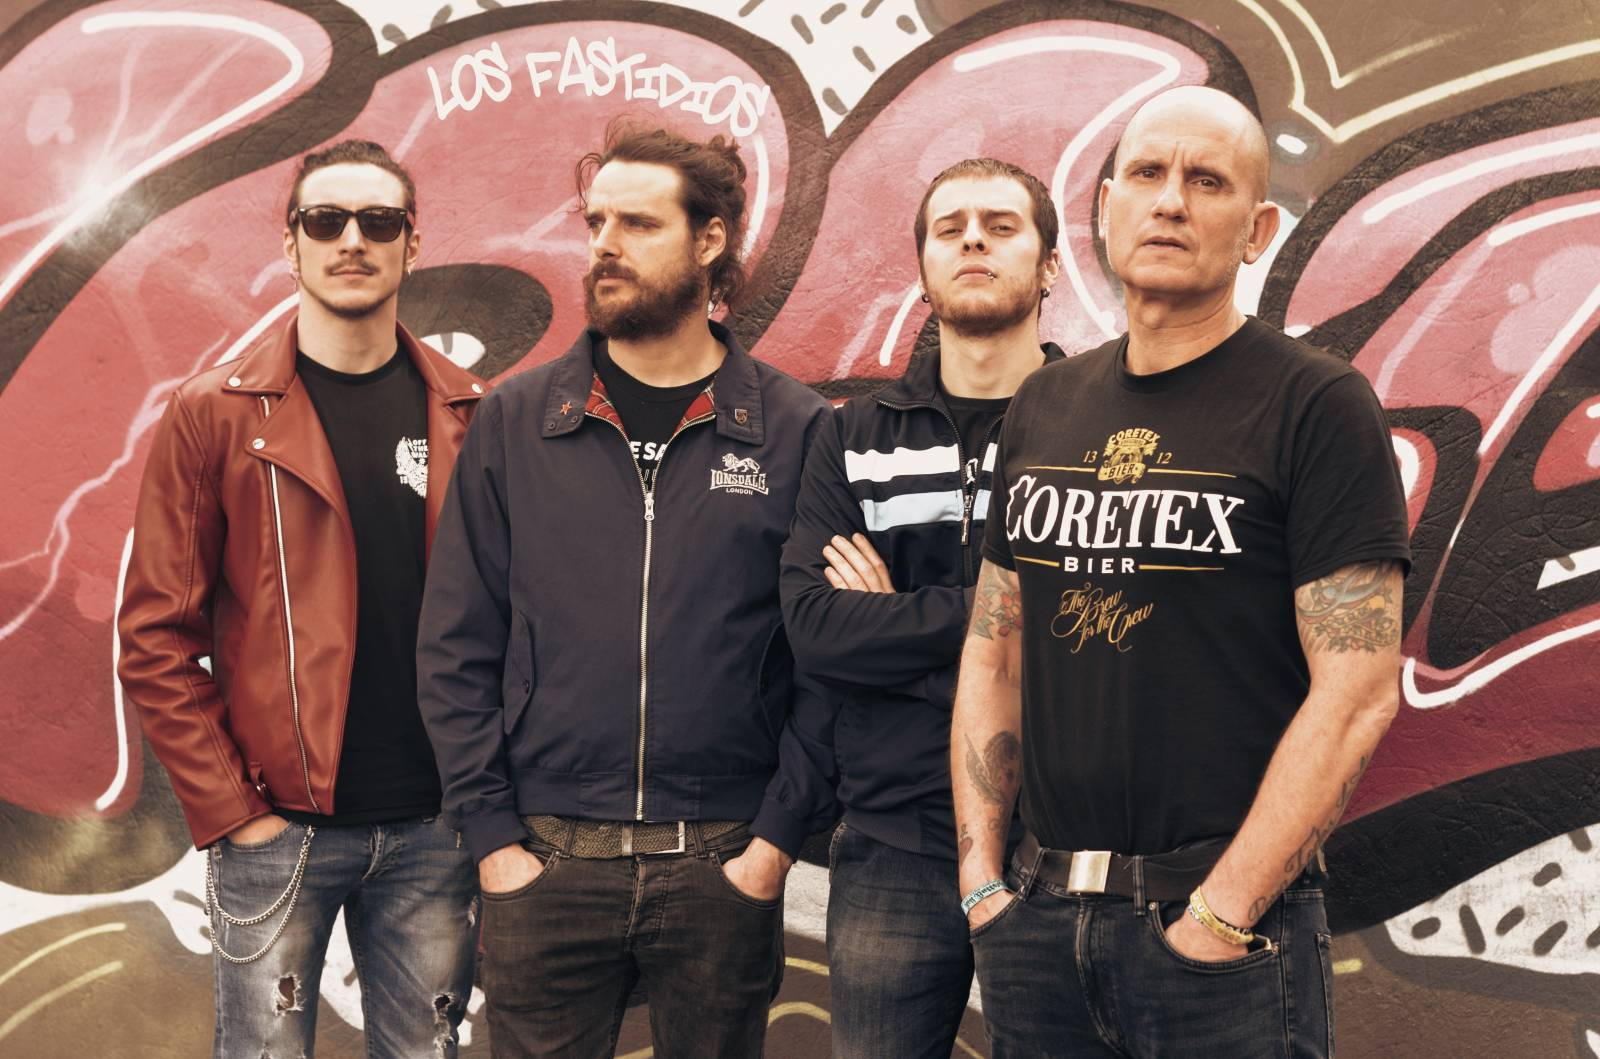 Oi-punk z Itálie se před koncem roku vrací do Prahy. Los Fastidios zahrají v Rock Café